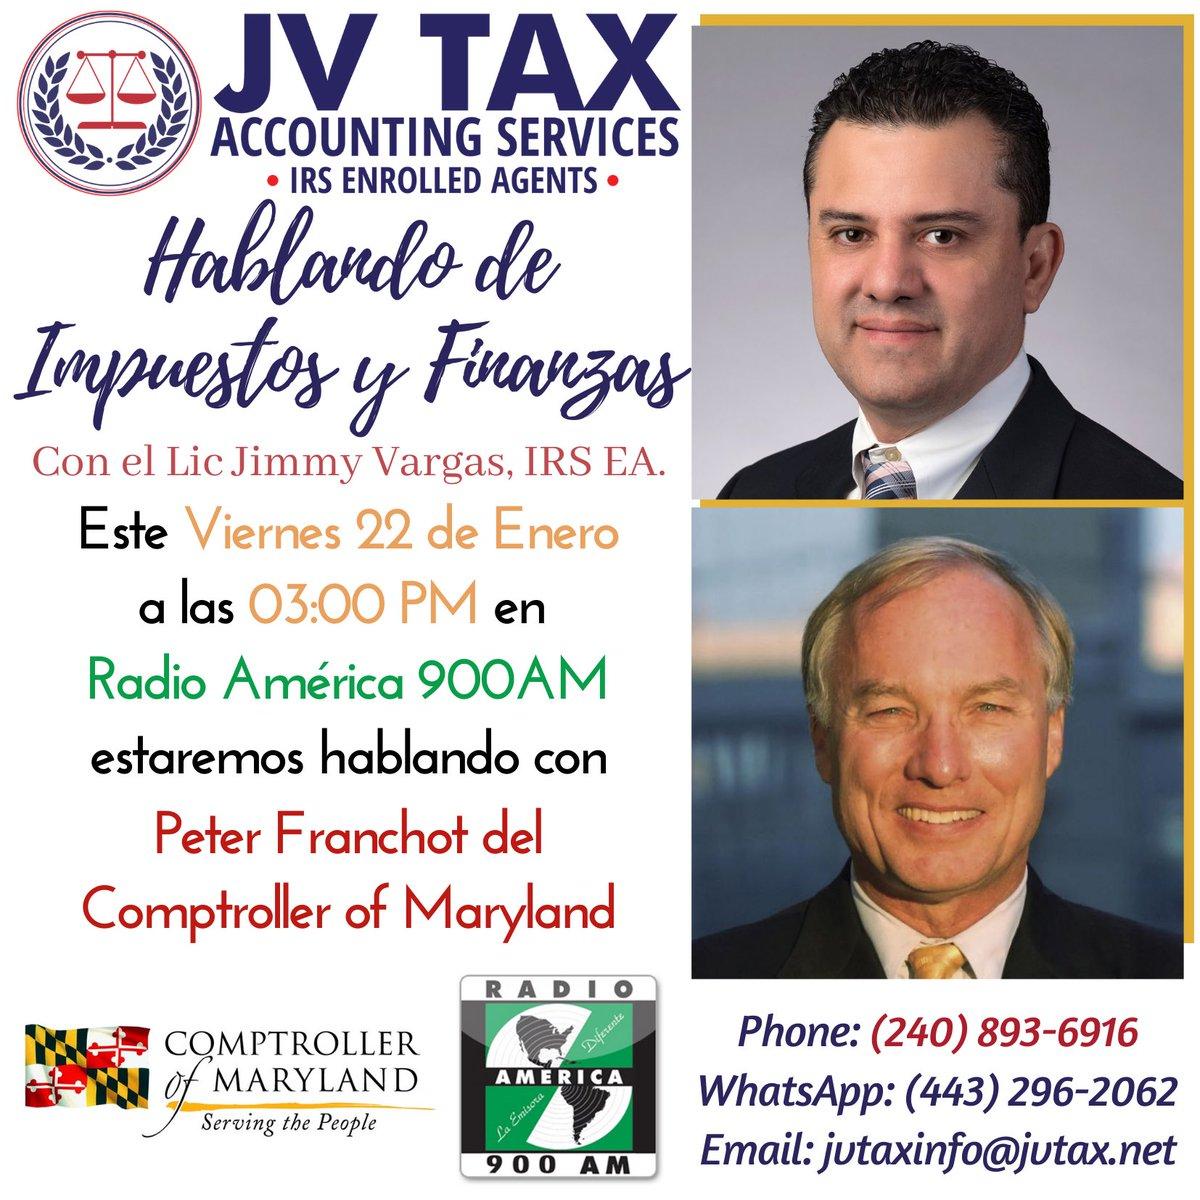 """Escuche nuestro programa """"Hablando de Impuestos y Finanzas"""" en vivo y en Facebook Live por Radio América, estación 900AM todos los Viernes a las 3pm.  Este viernes con Peter Franchot del Comptroller of Maryland.   #Radio #Viernes #RadioAmerica #900AM #Impuestos #Finanzas"""